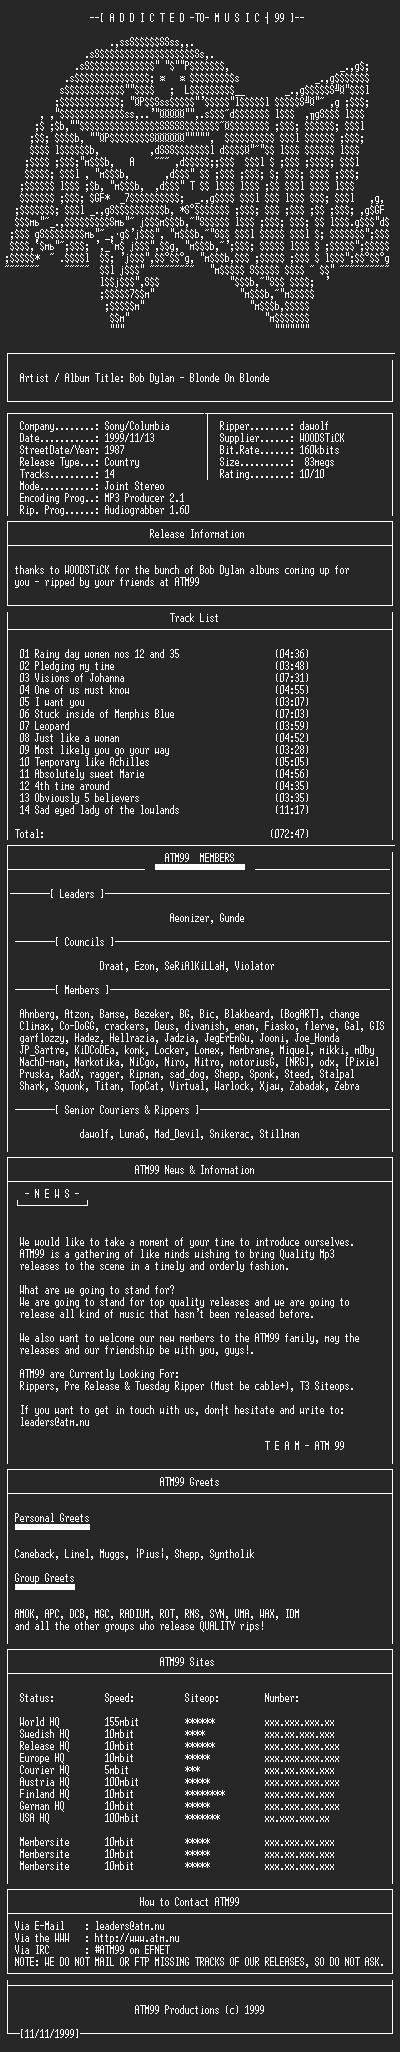 NFO file for Bob_Dylan_-_Blonde_On_Blonde_-_(1987)-ATM99